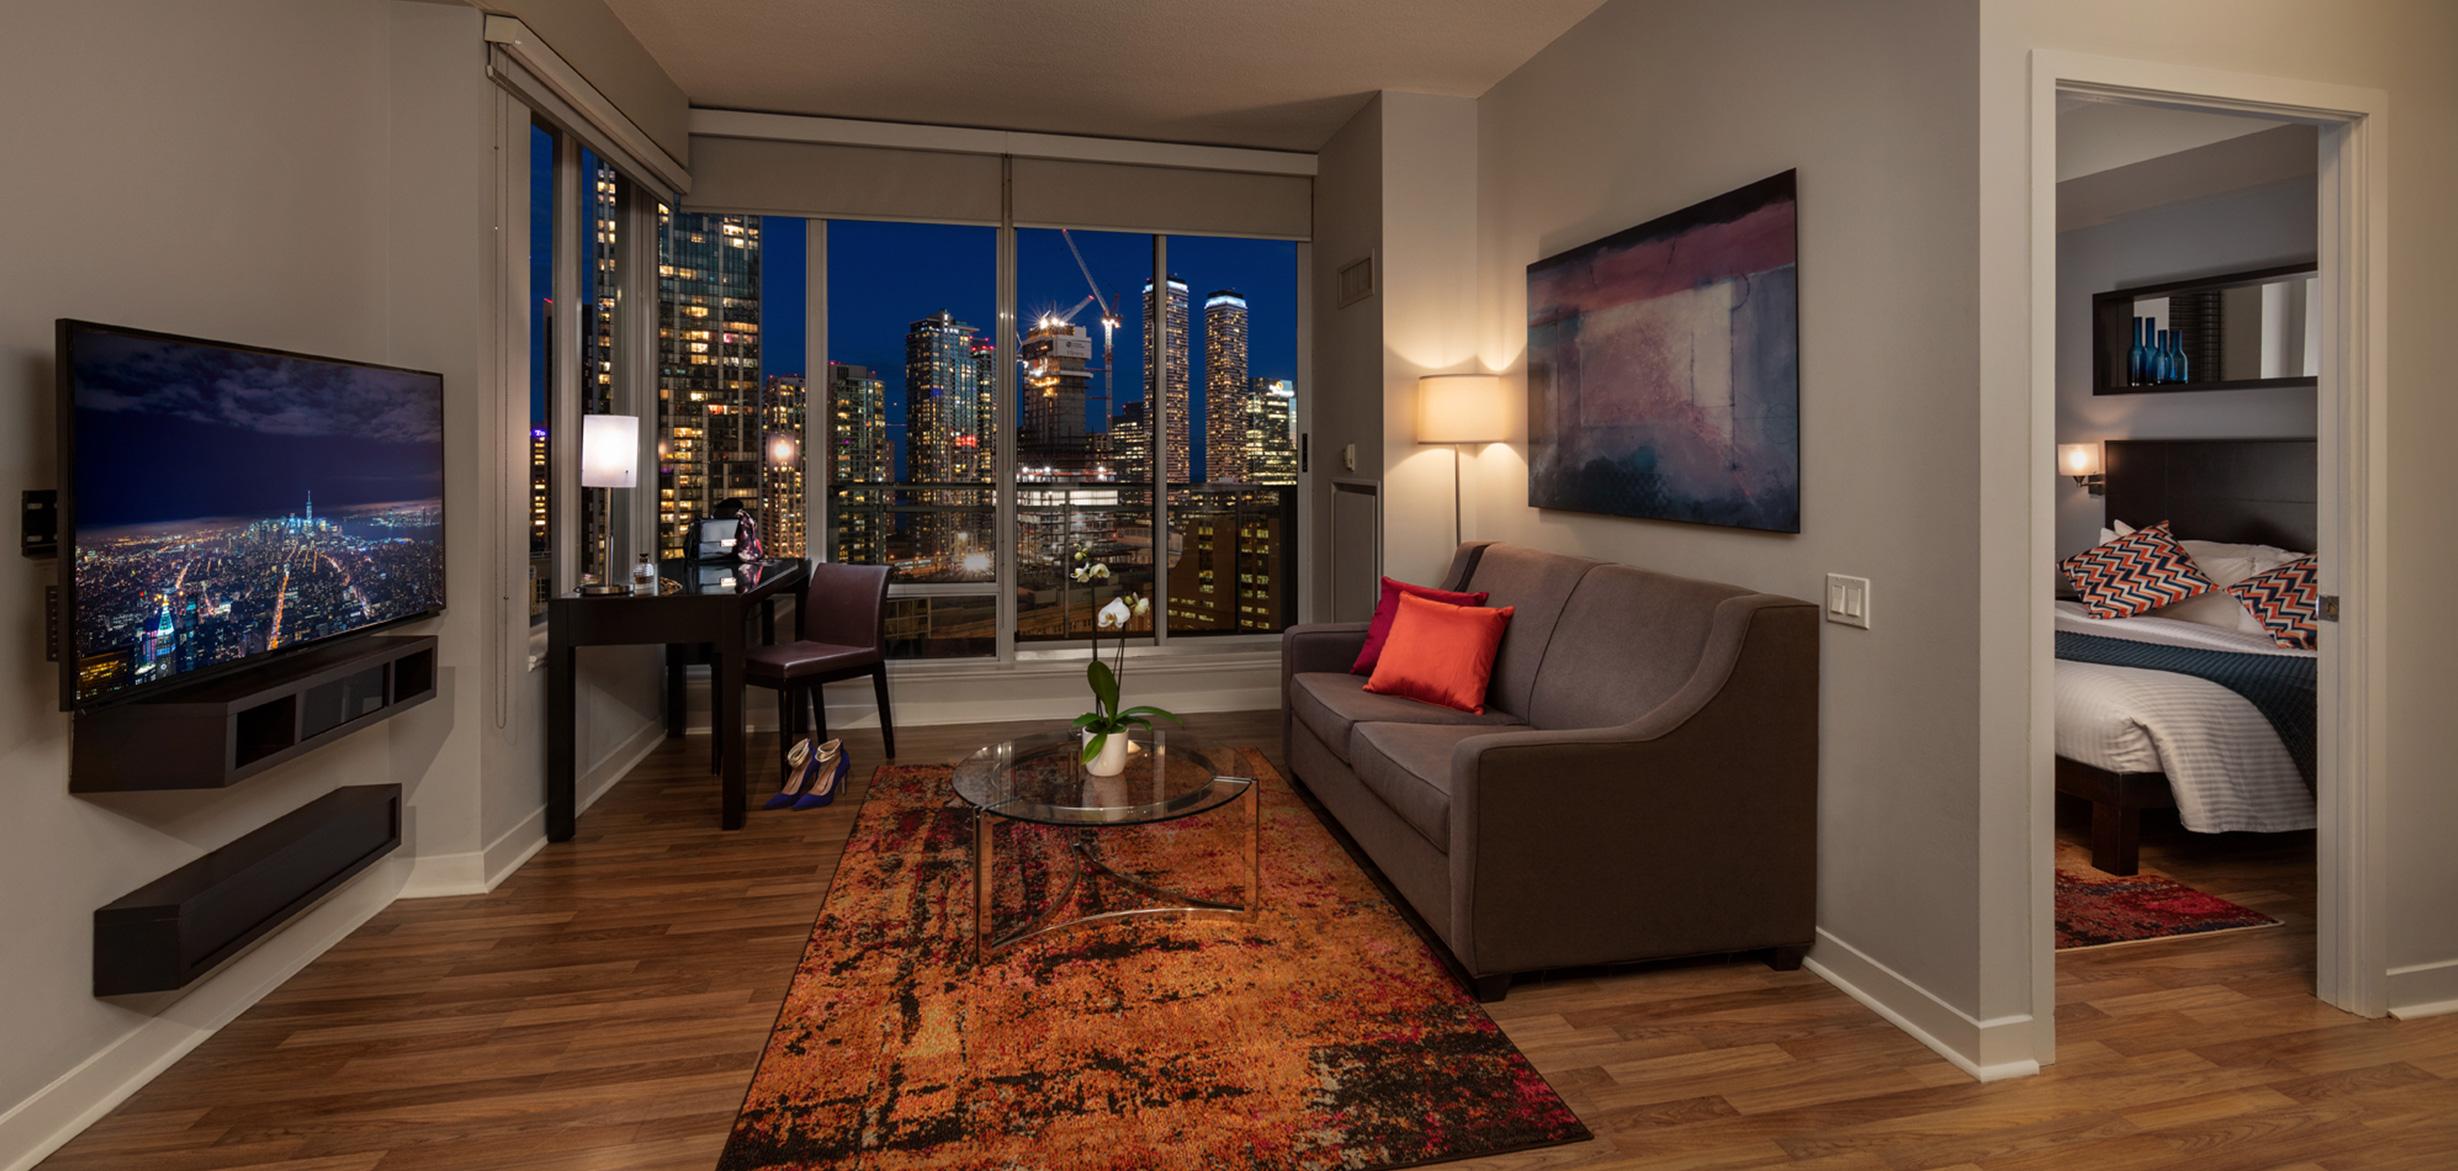 Welcome To Executive Hotel Cosmopolitan Toronto